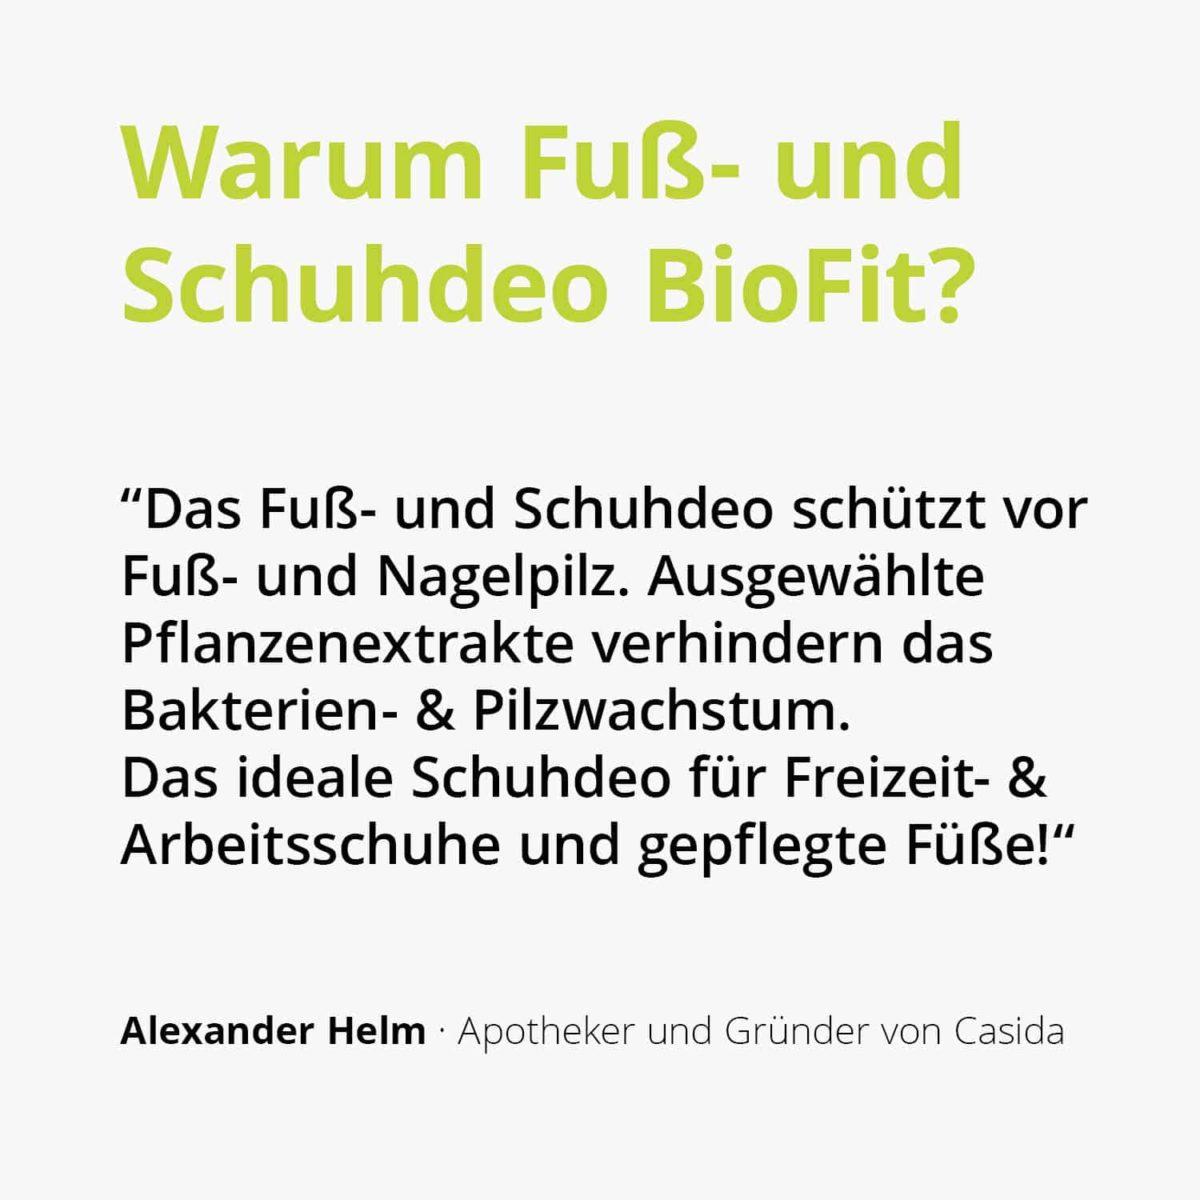 Casida Fuß- und Schuhdeo BioFit Pflanzlich 100 ml 10751316 PZN Apotheke Nagelpilz Fußpilz Schweißfüße2